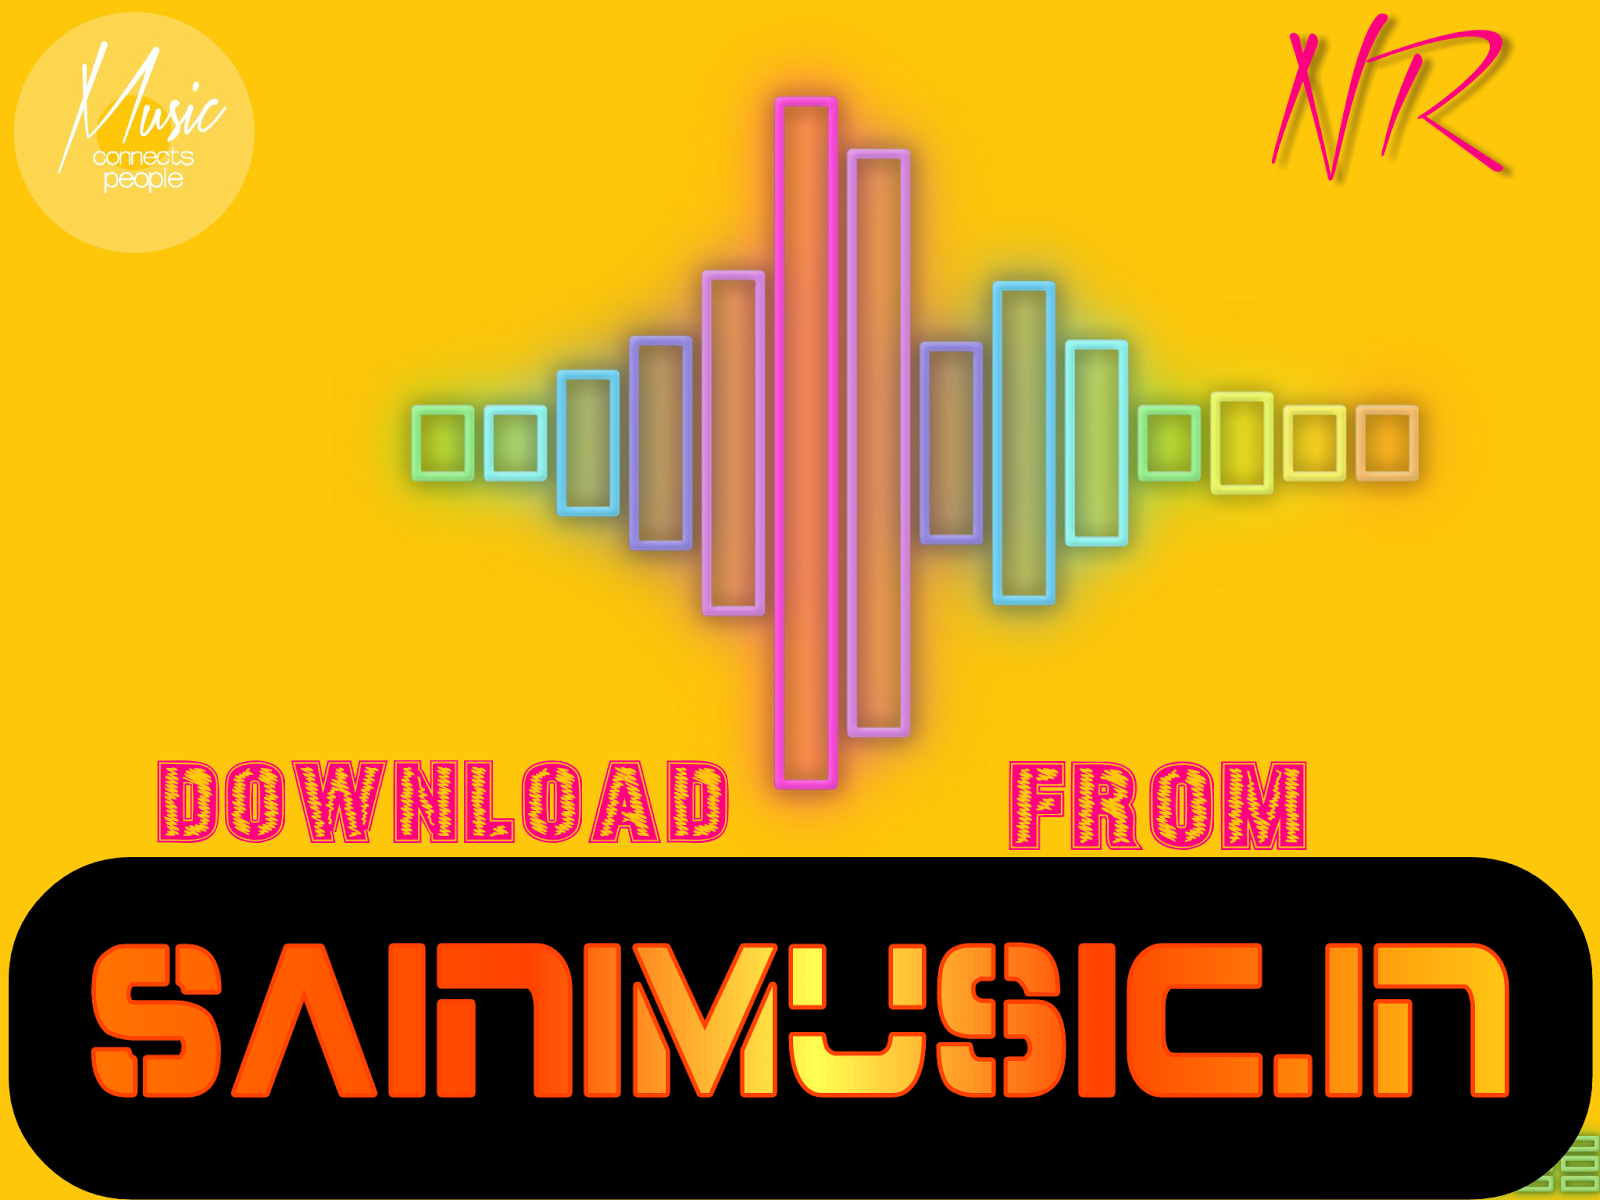 Sara Rola Bhaang Ka Gora- Dj Vk ~ Saini Music